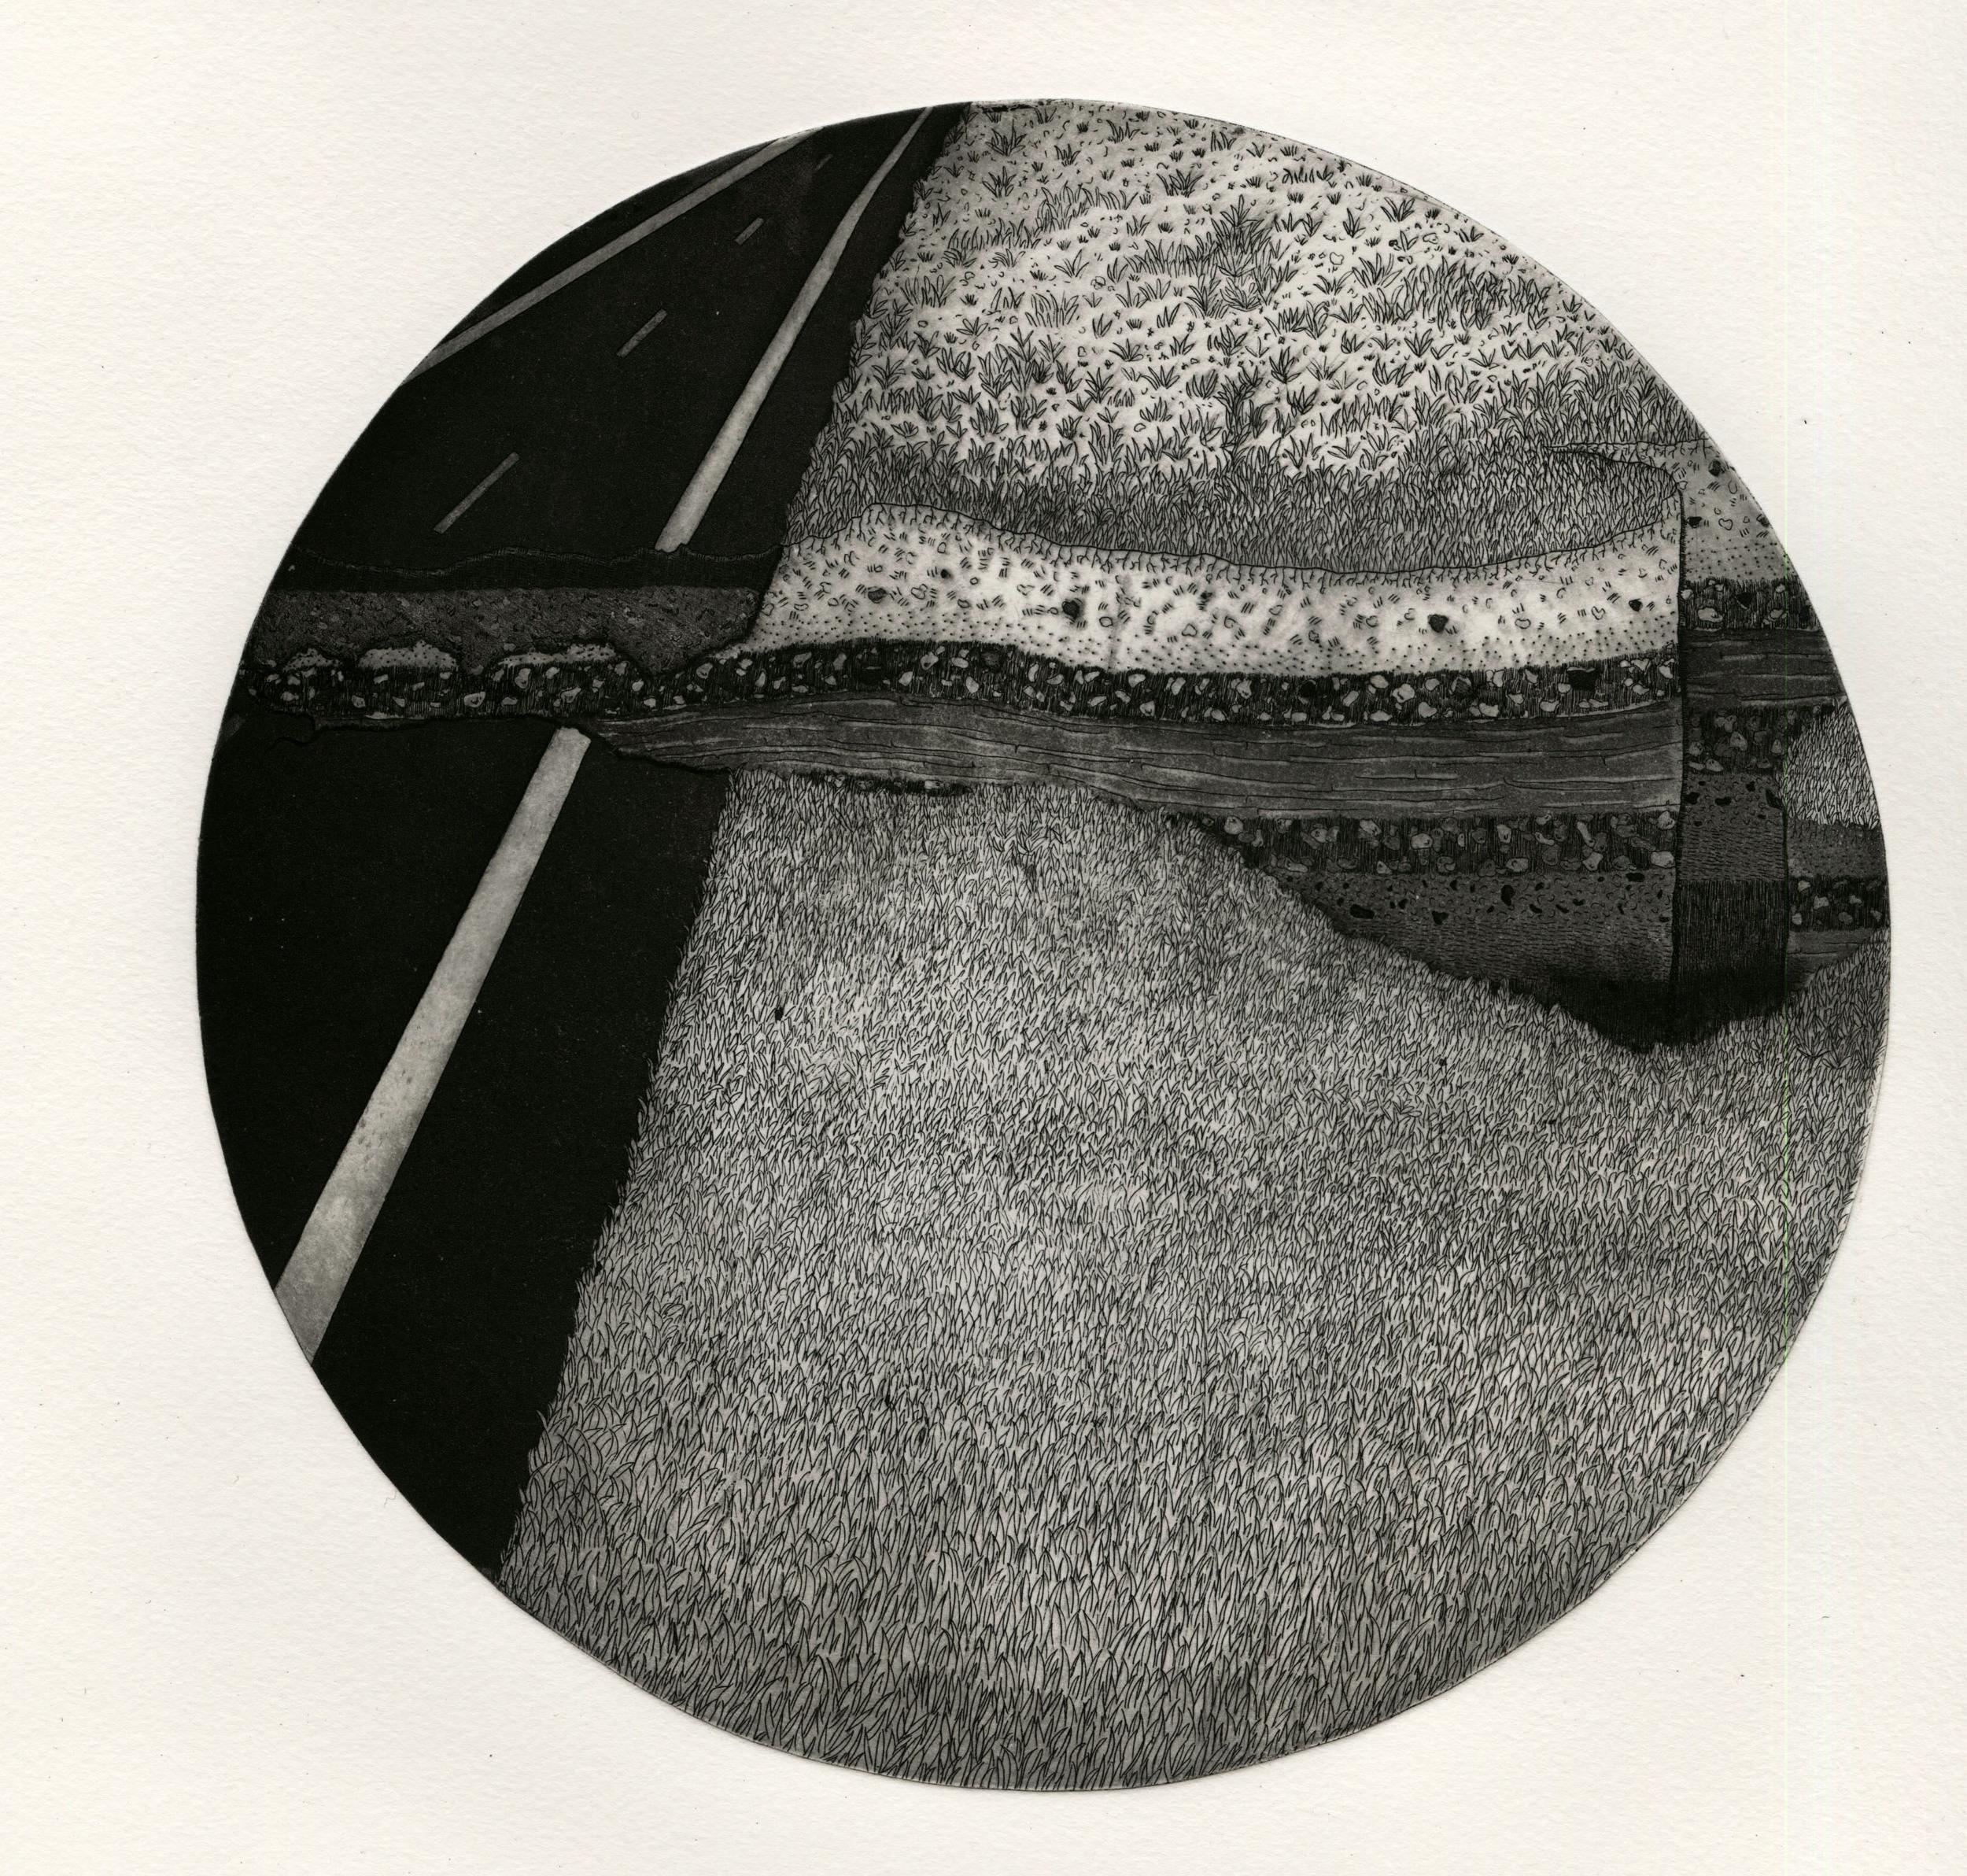 sinkhole #2, 2014